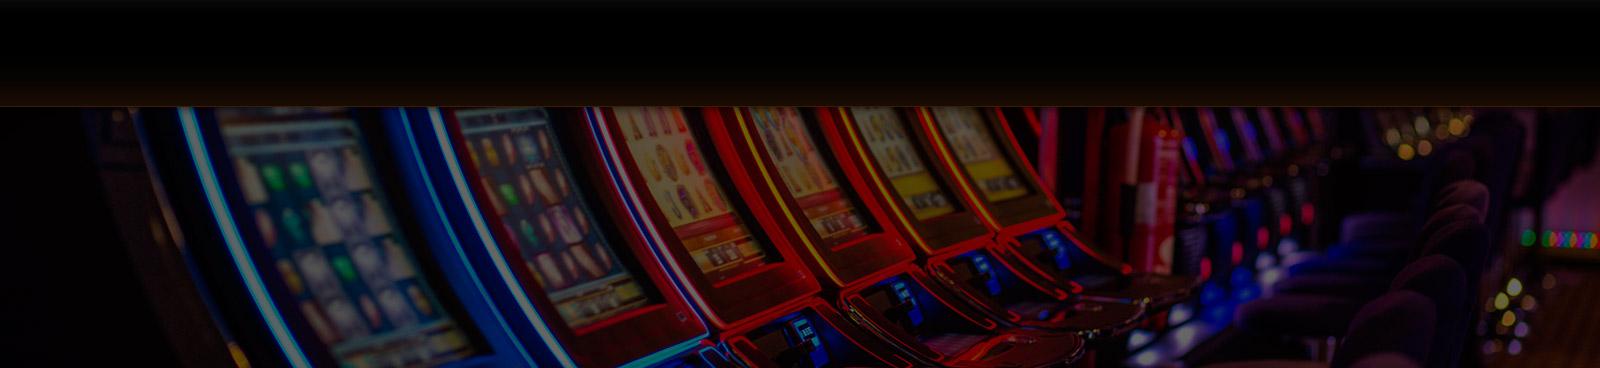 Casino Offnungszeiten Heute